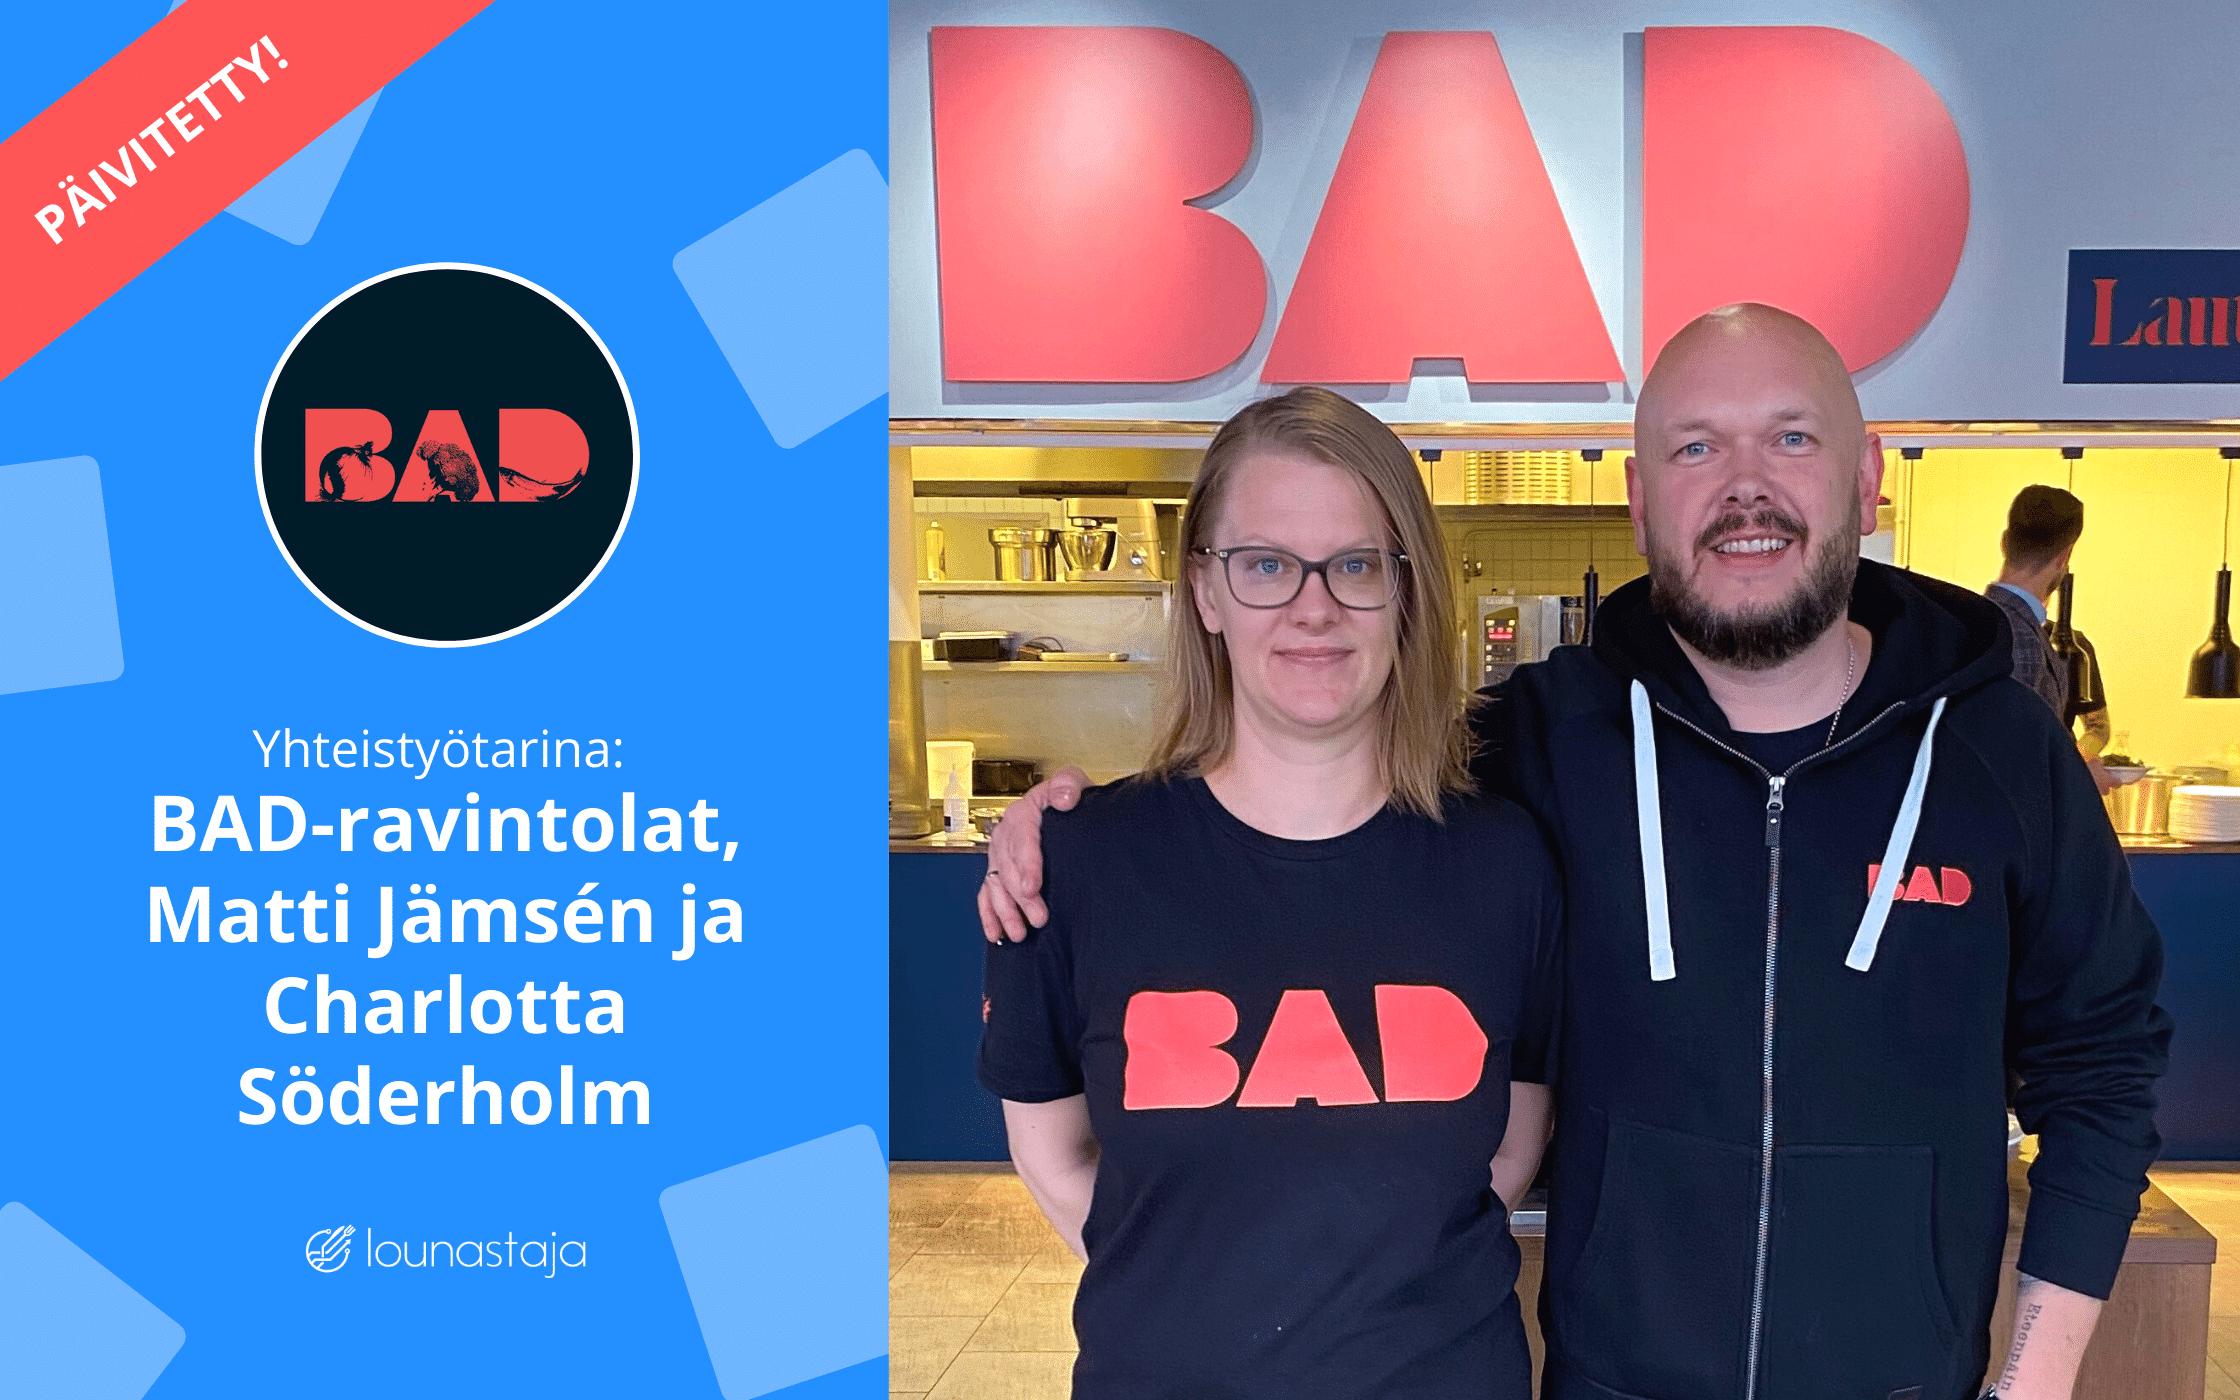 Yhteistyötarina: BAD-ravintolat, Matti Jämsén ja Charlotta Söderholm